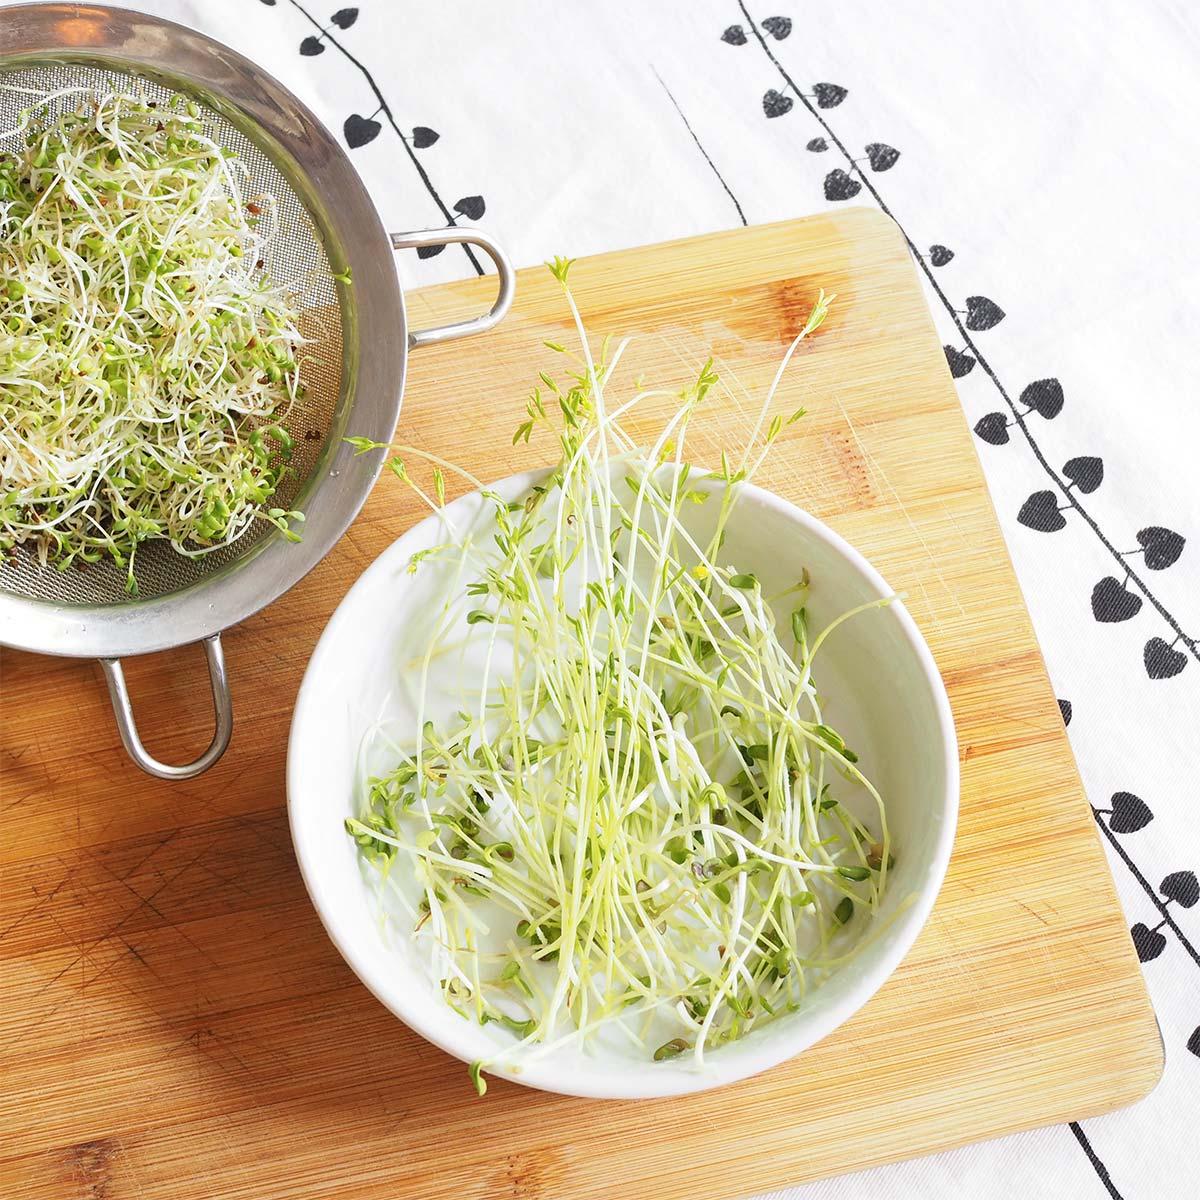 récolte pousses bio alfalfa lentilles fenugrec jour 10